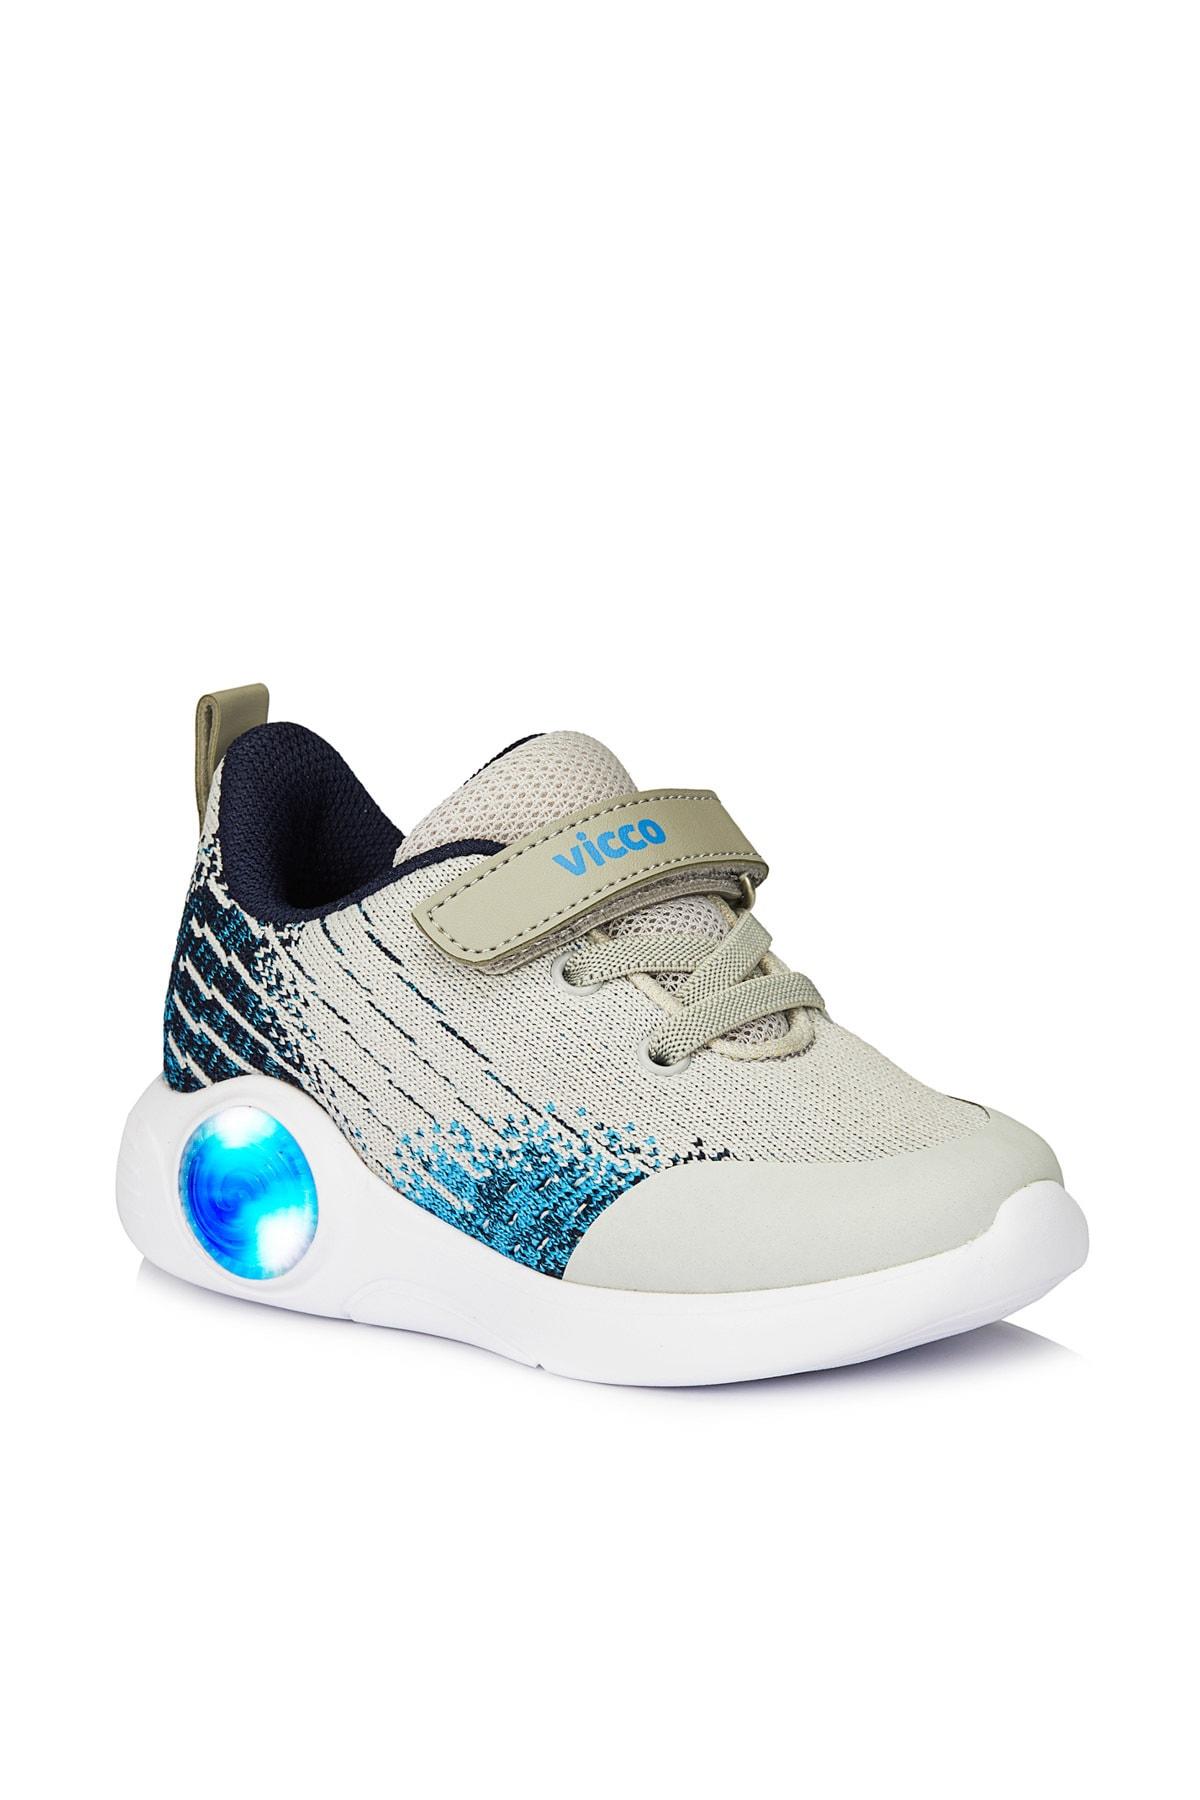 Vicco Neo Erkek Çocuk Gri Spor Ayakkabı 1